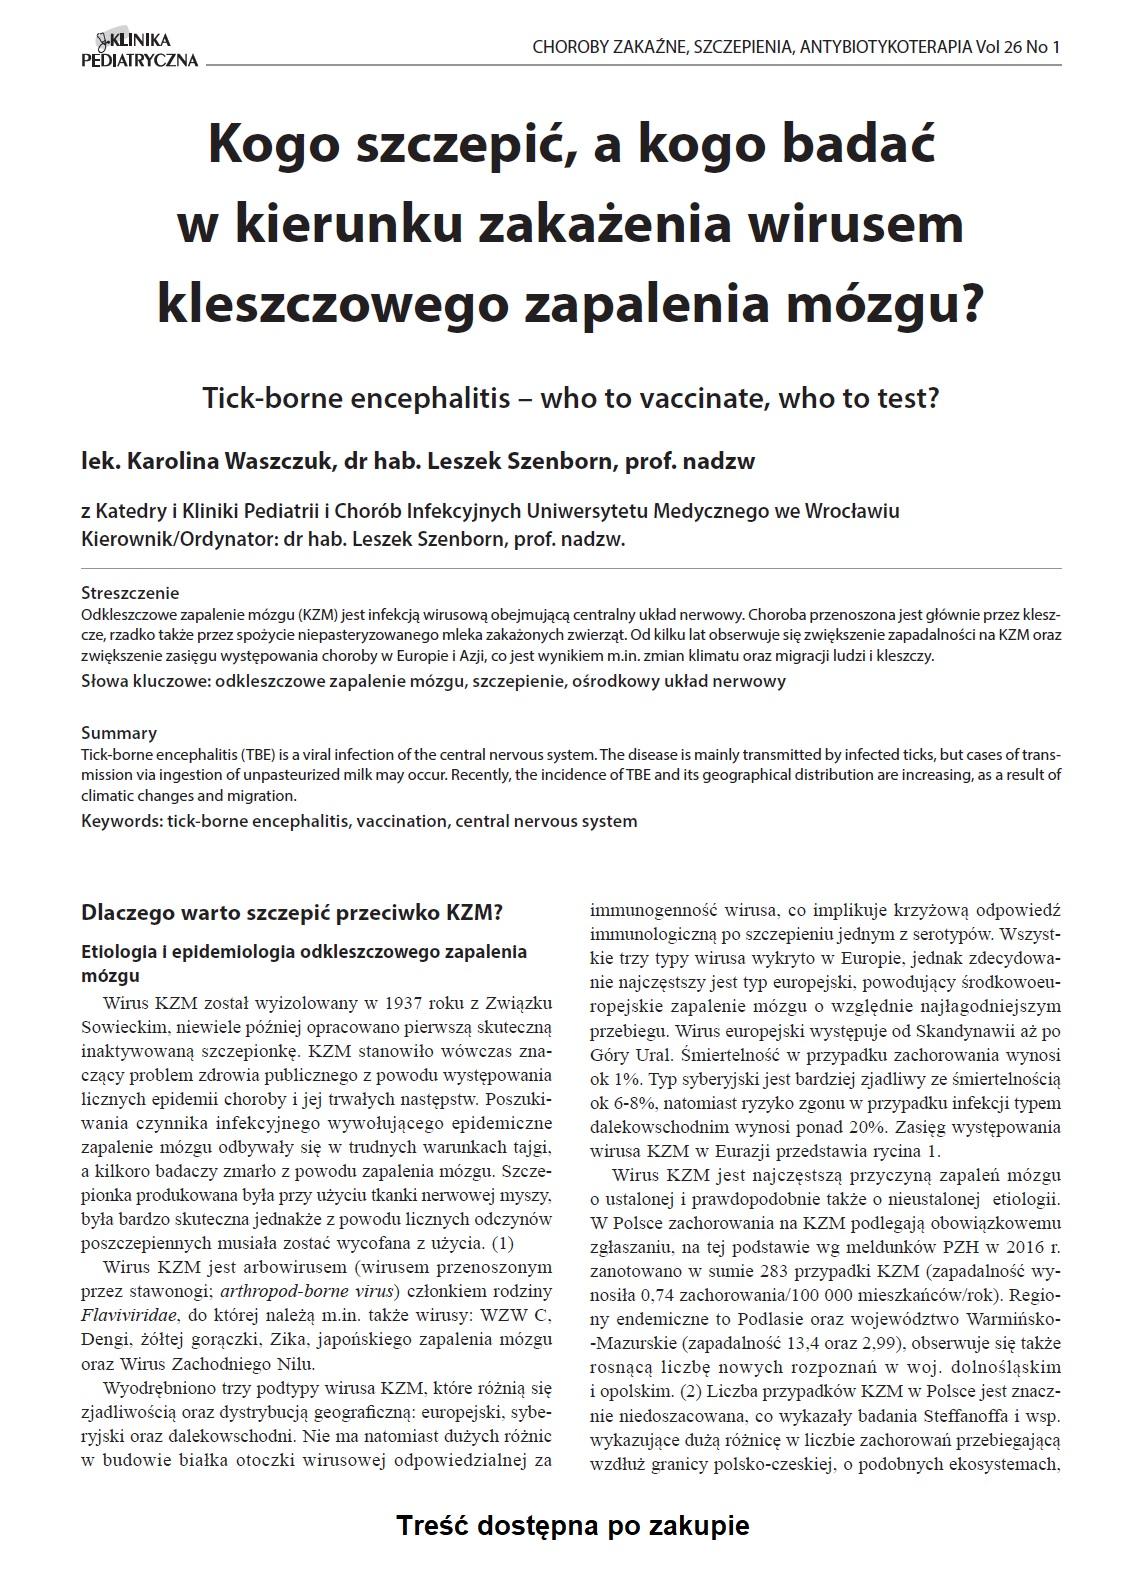 KP 1/2018 Kogo szczepić, a kogo badać w kierunku zakażenia wirusem kleszczowego zapalenia mózgu?